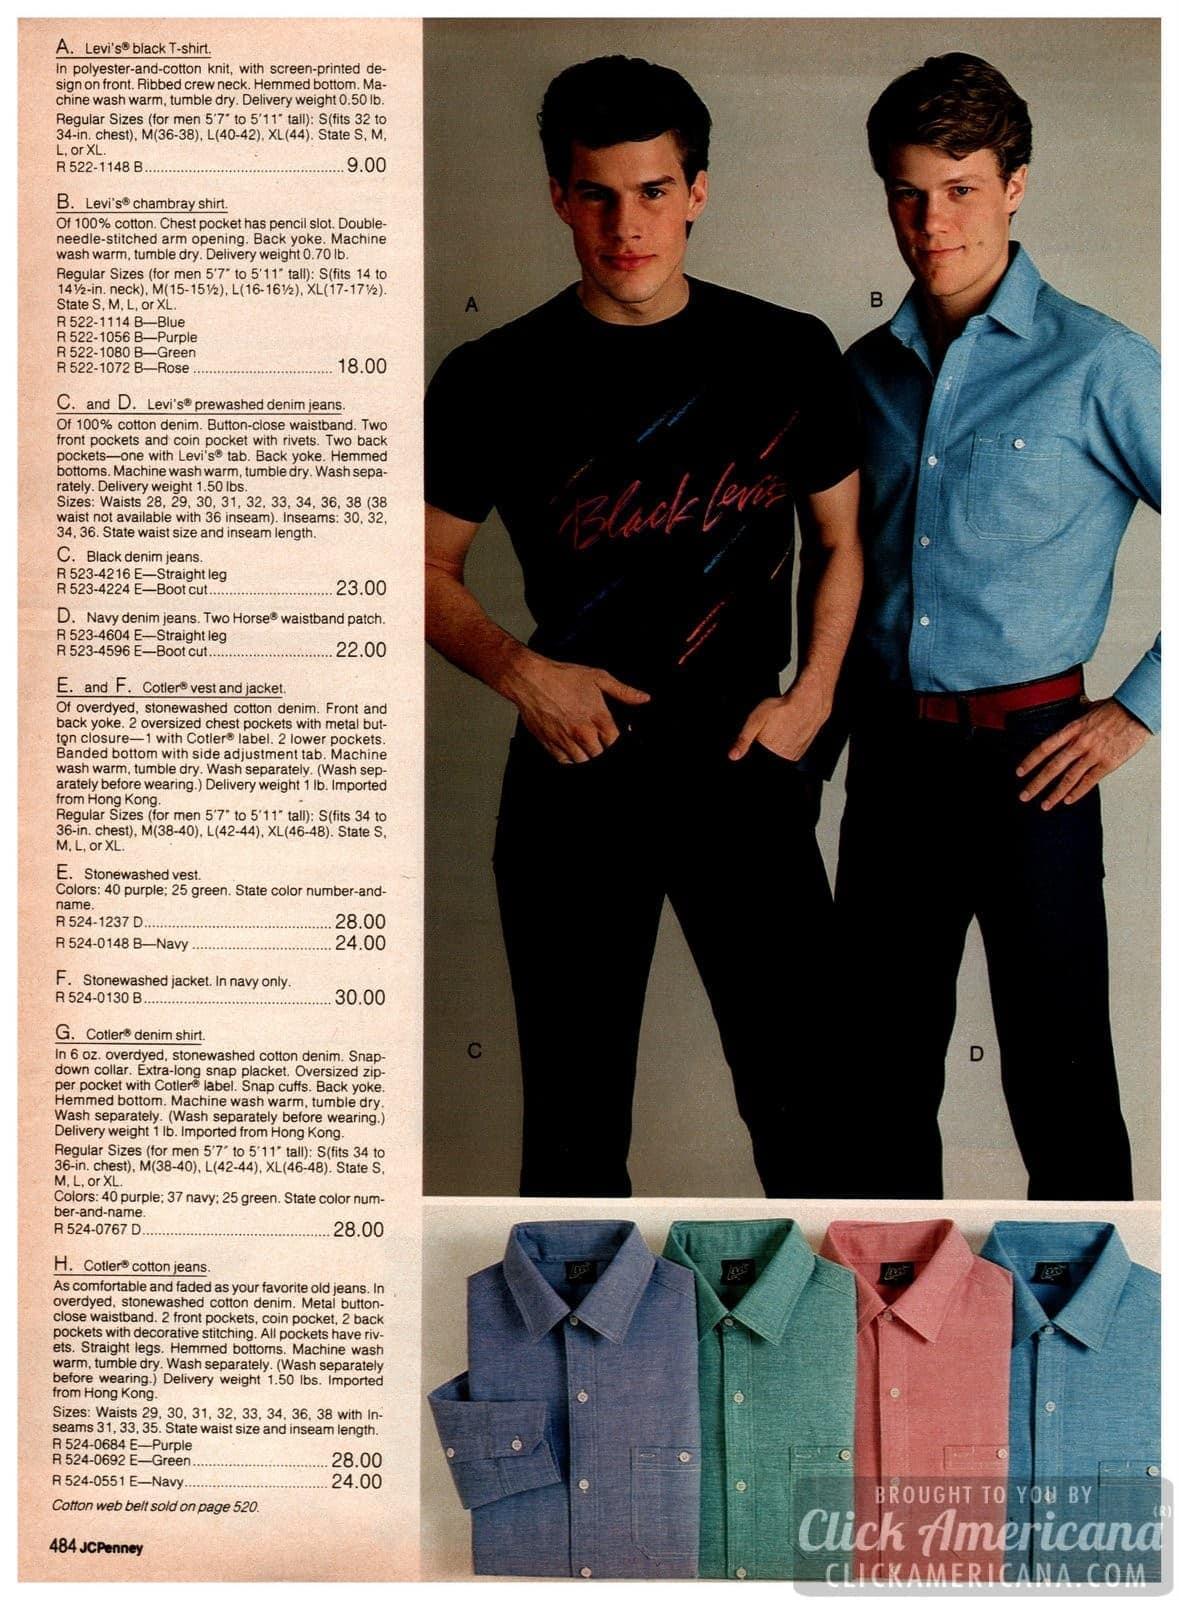 Levi's t-shirts and chambray shirts